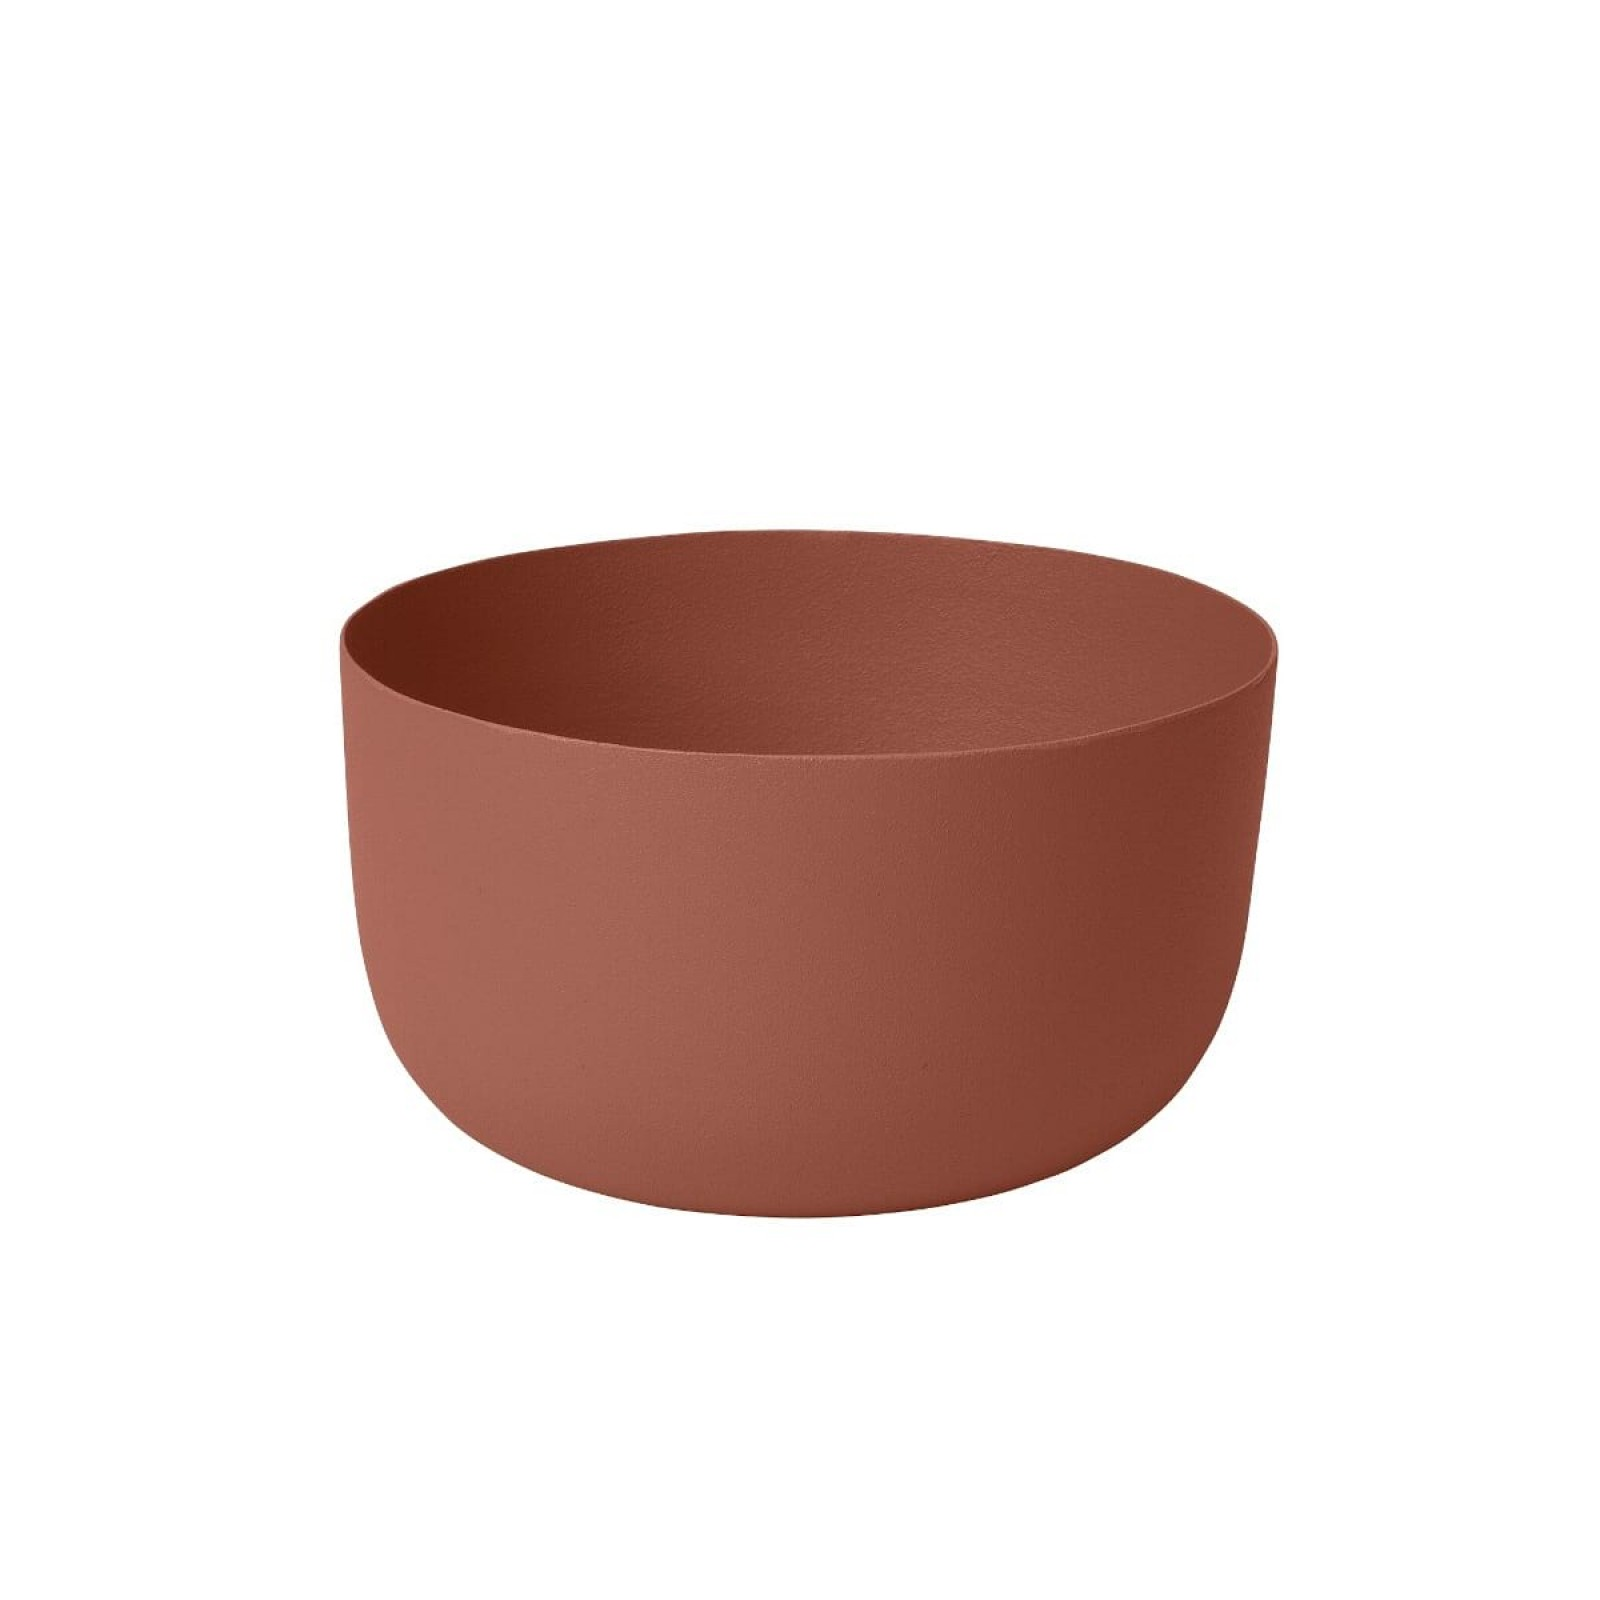 REO Bowl Small (Rustic Brown) - Blomus